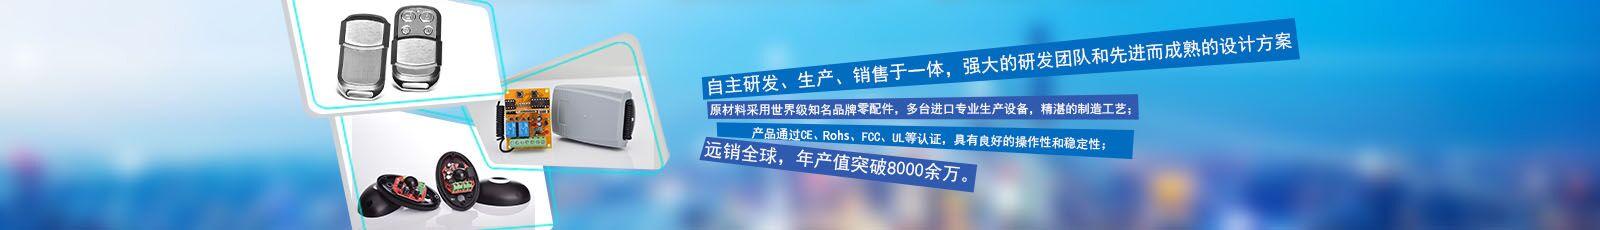 十yu年专注研发星际电玩城无线遥kong器,无线kong制器deng安防报警yu智能kong制chanpin领域